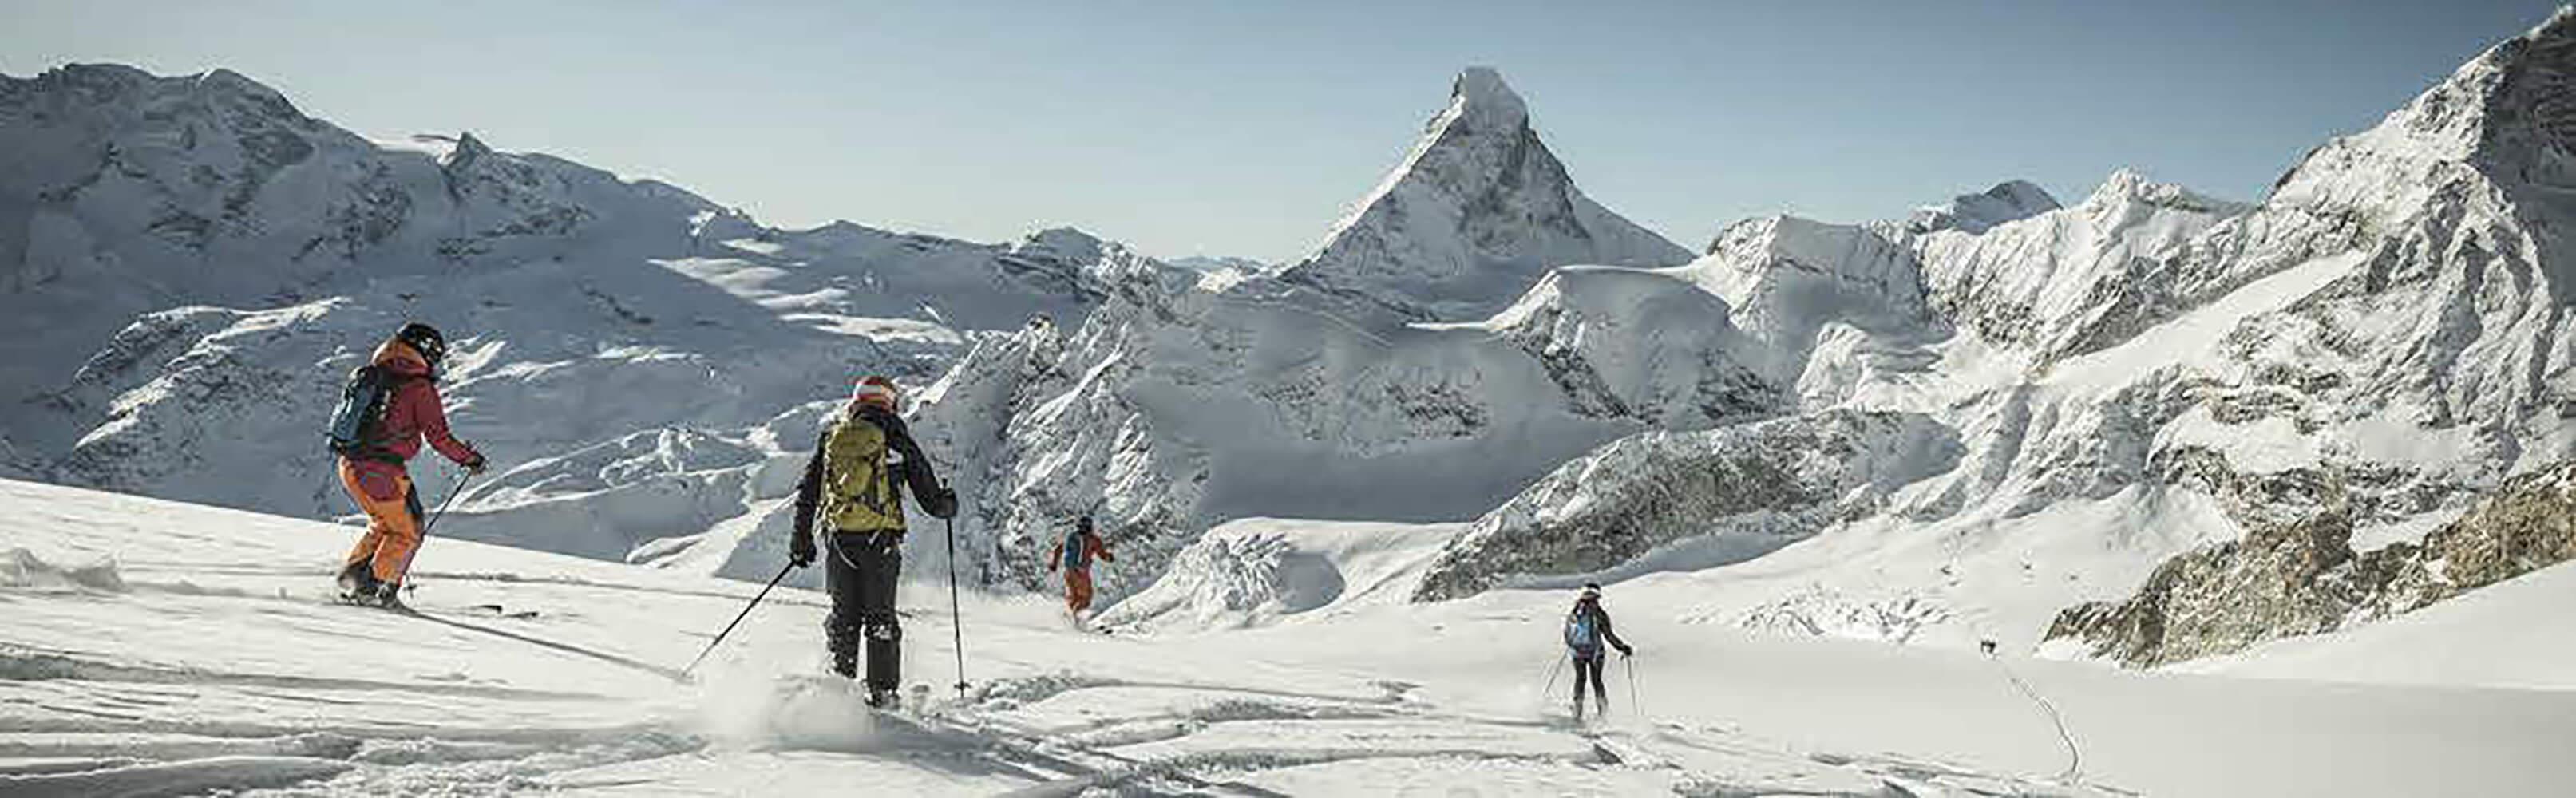 Heliskiing in Zermatt 1